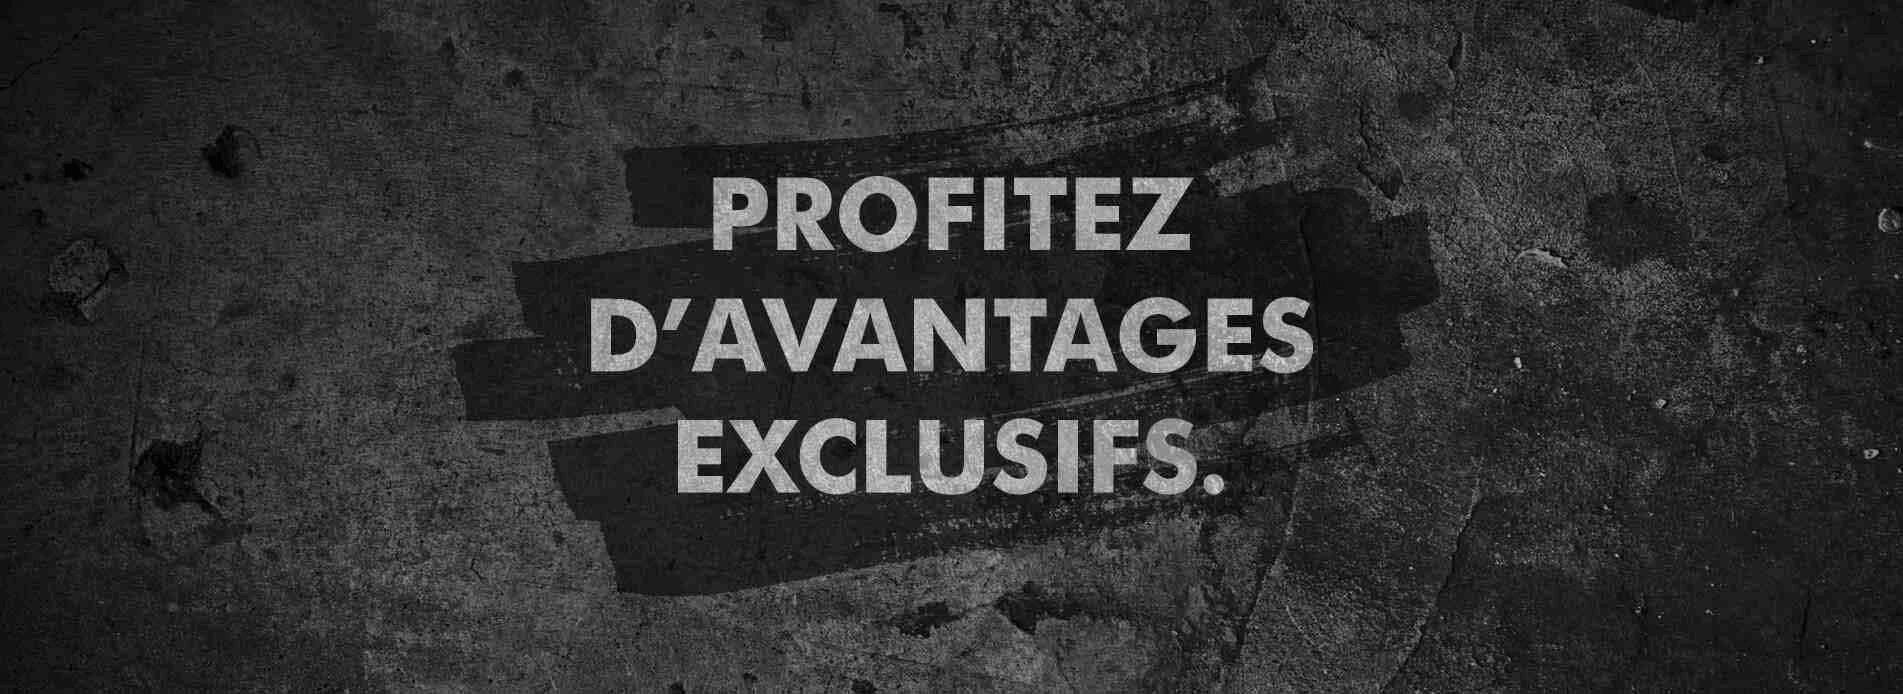 Profitez D'Avantages Exclusifs